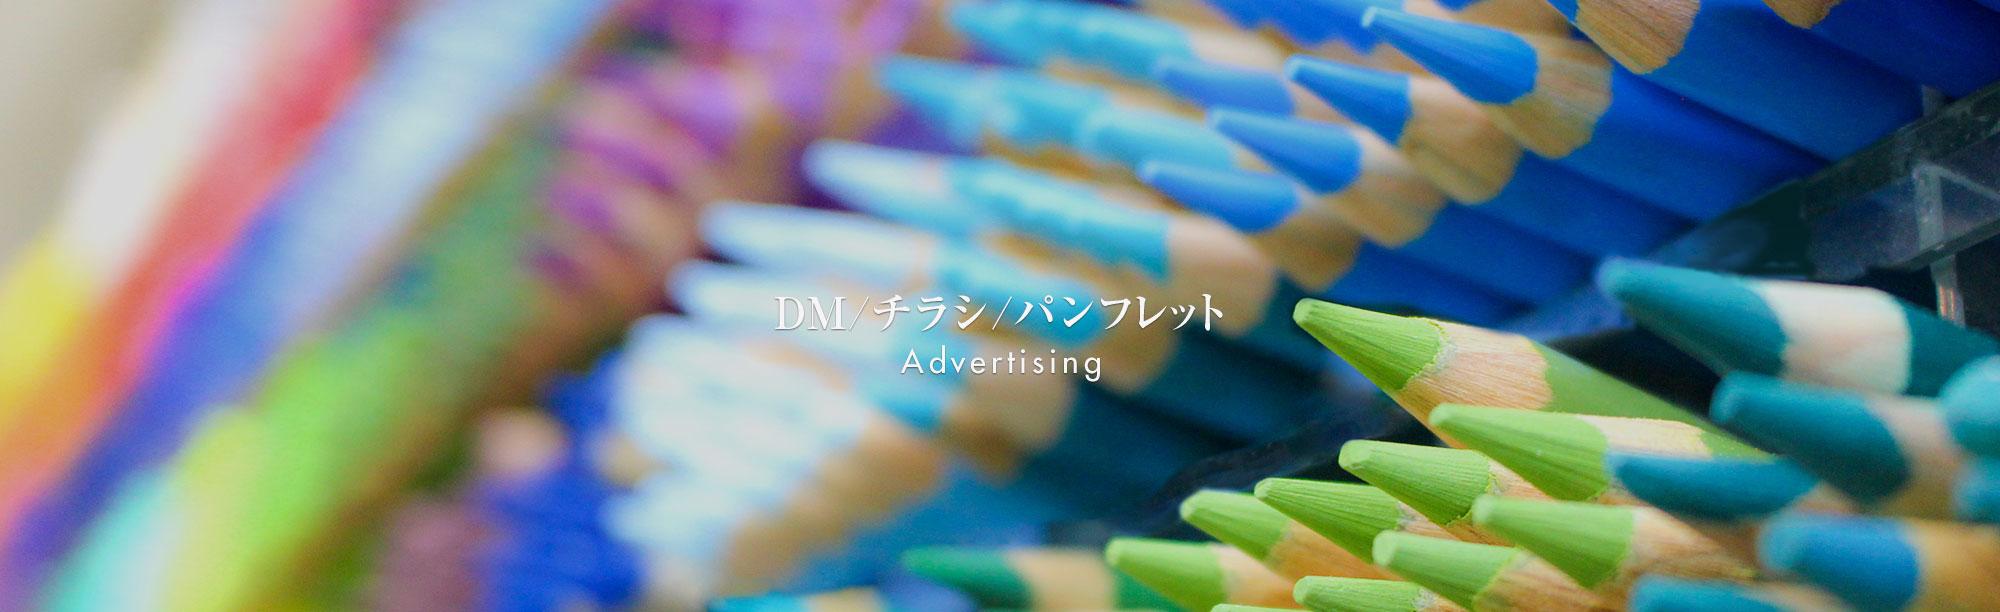 DM / チラシ / パンフレット